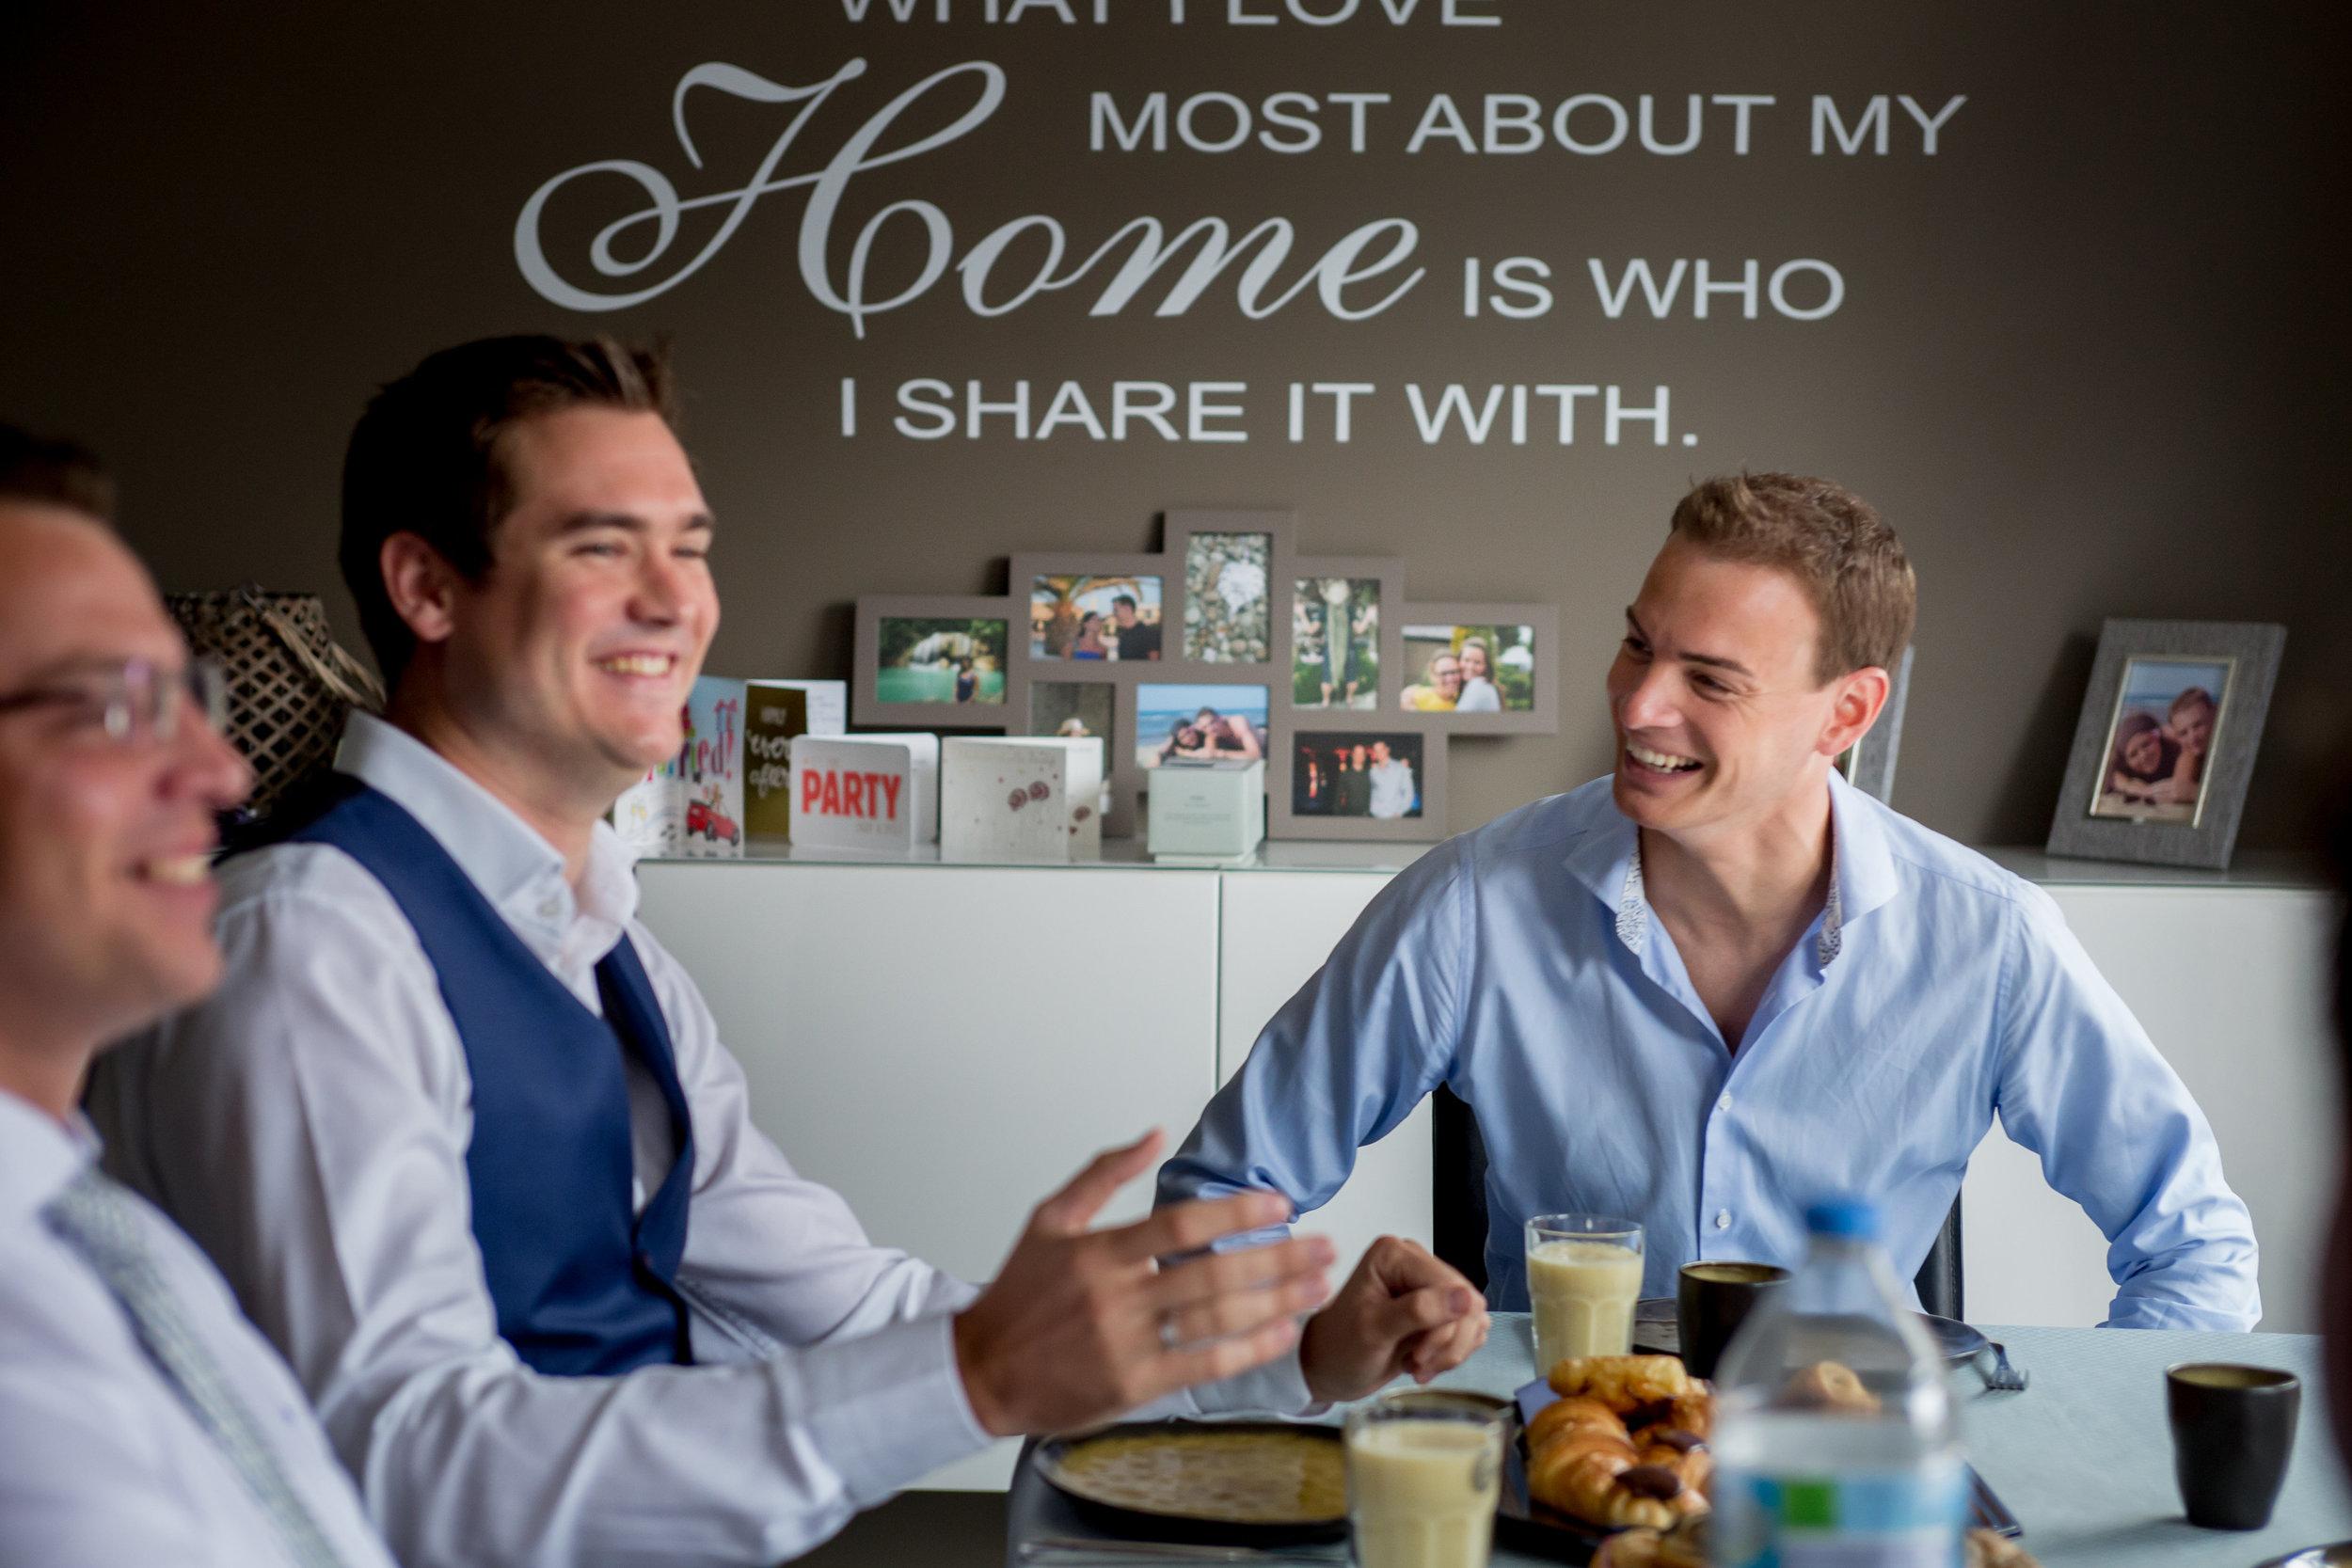 Eet iets - Als jullie de avond voor de trouw apart slapen, nodig voor de volgende morgen de getuige uit of de 'best man' of vrienden. Zo kunnen jullie samen iets eten. Dit is altijd een mooi moment om de dag te beginnen. En je zult meer op je gemak zijn.